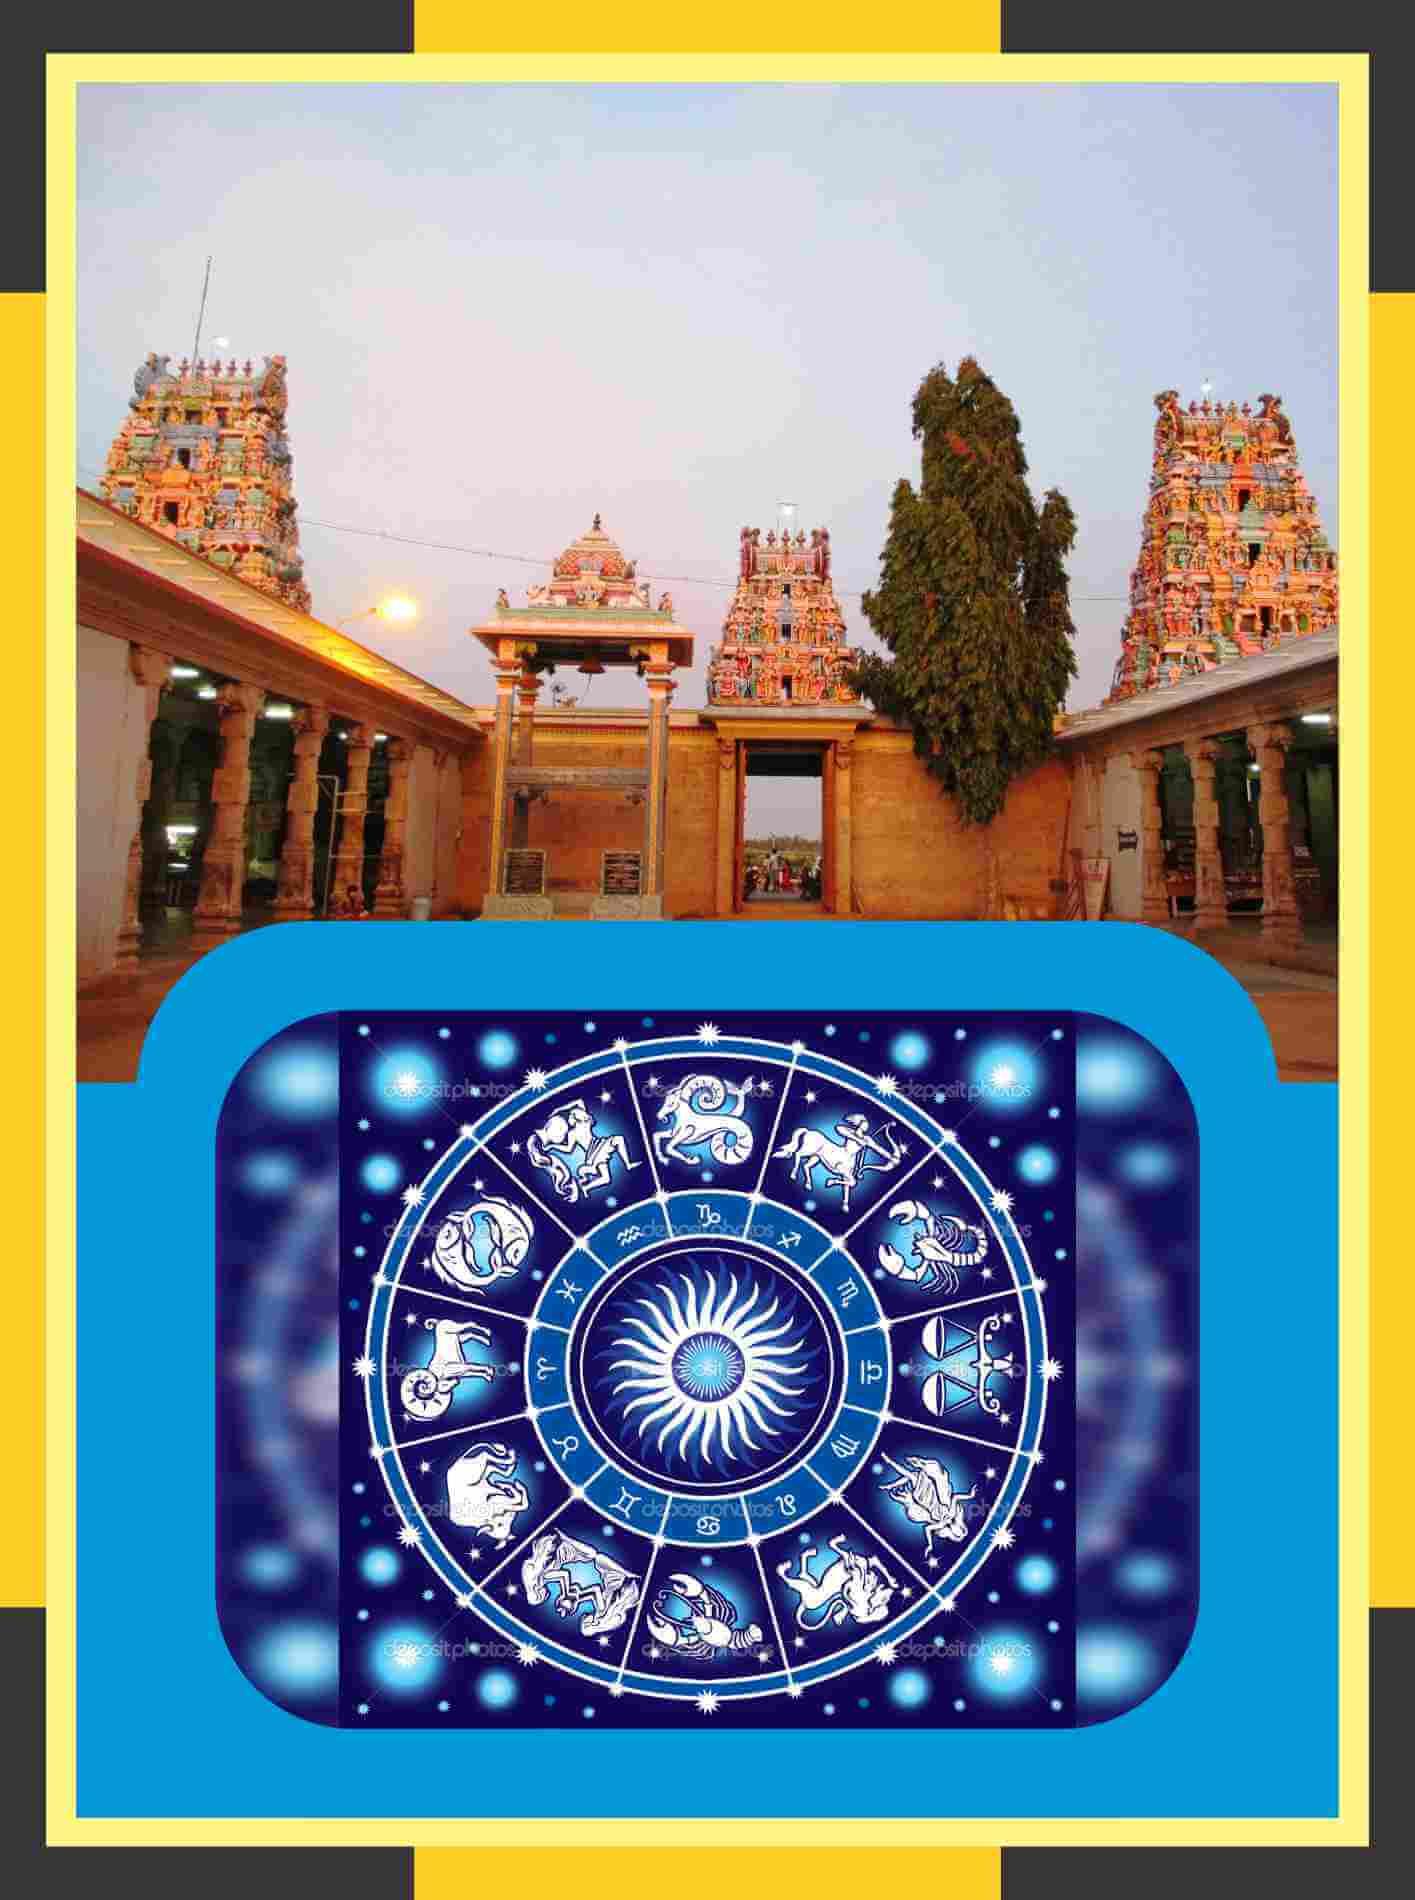 Kodumudi – Magudeswarar Temple Spl Parihara Puja for Avittam Star